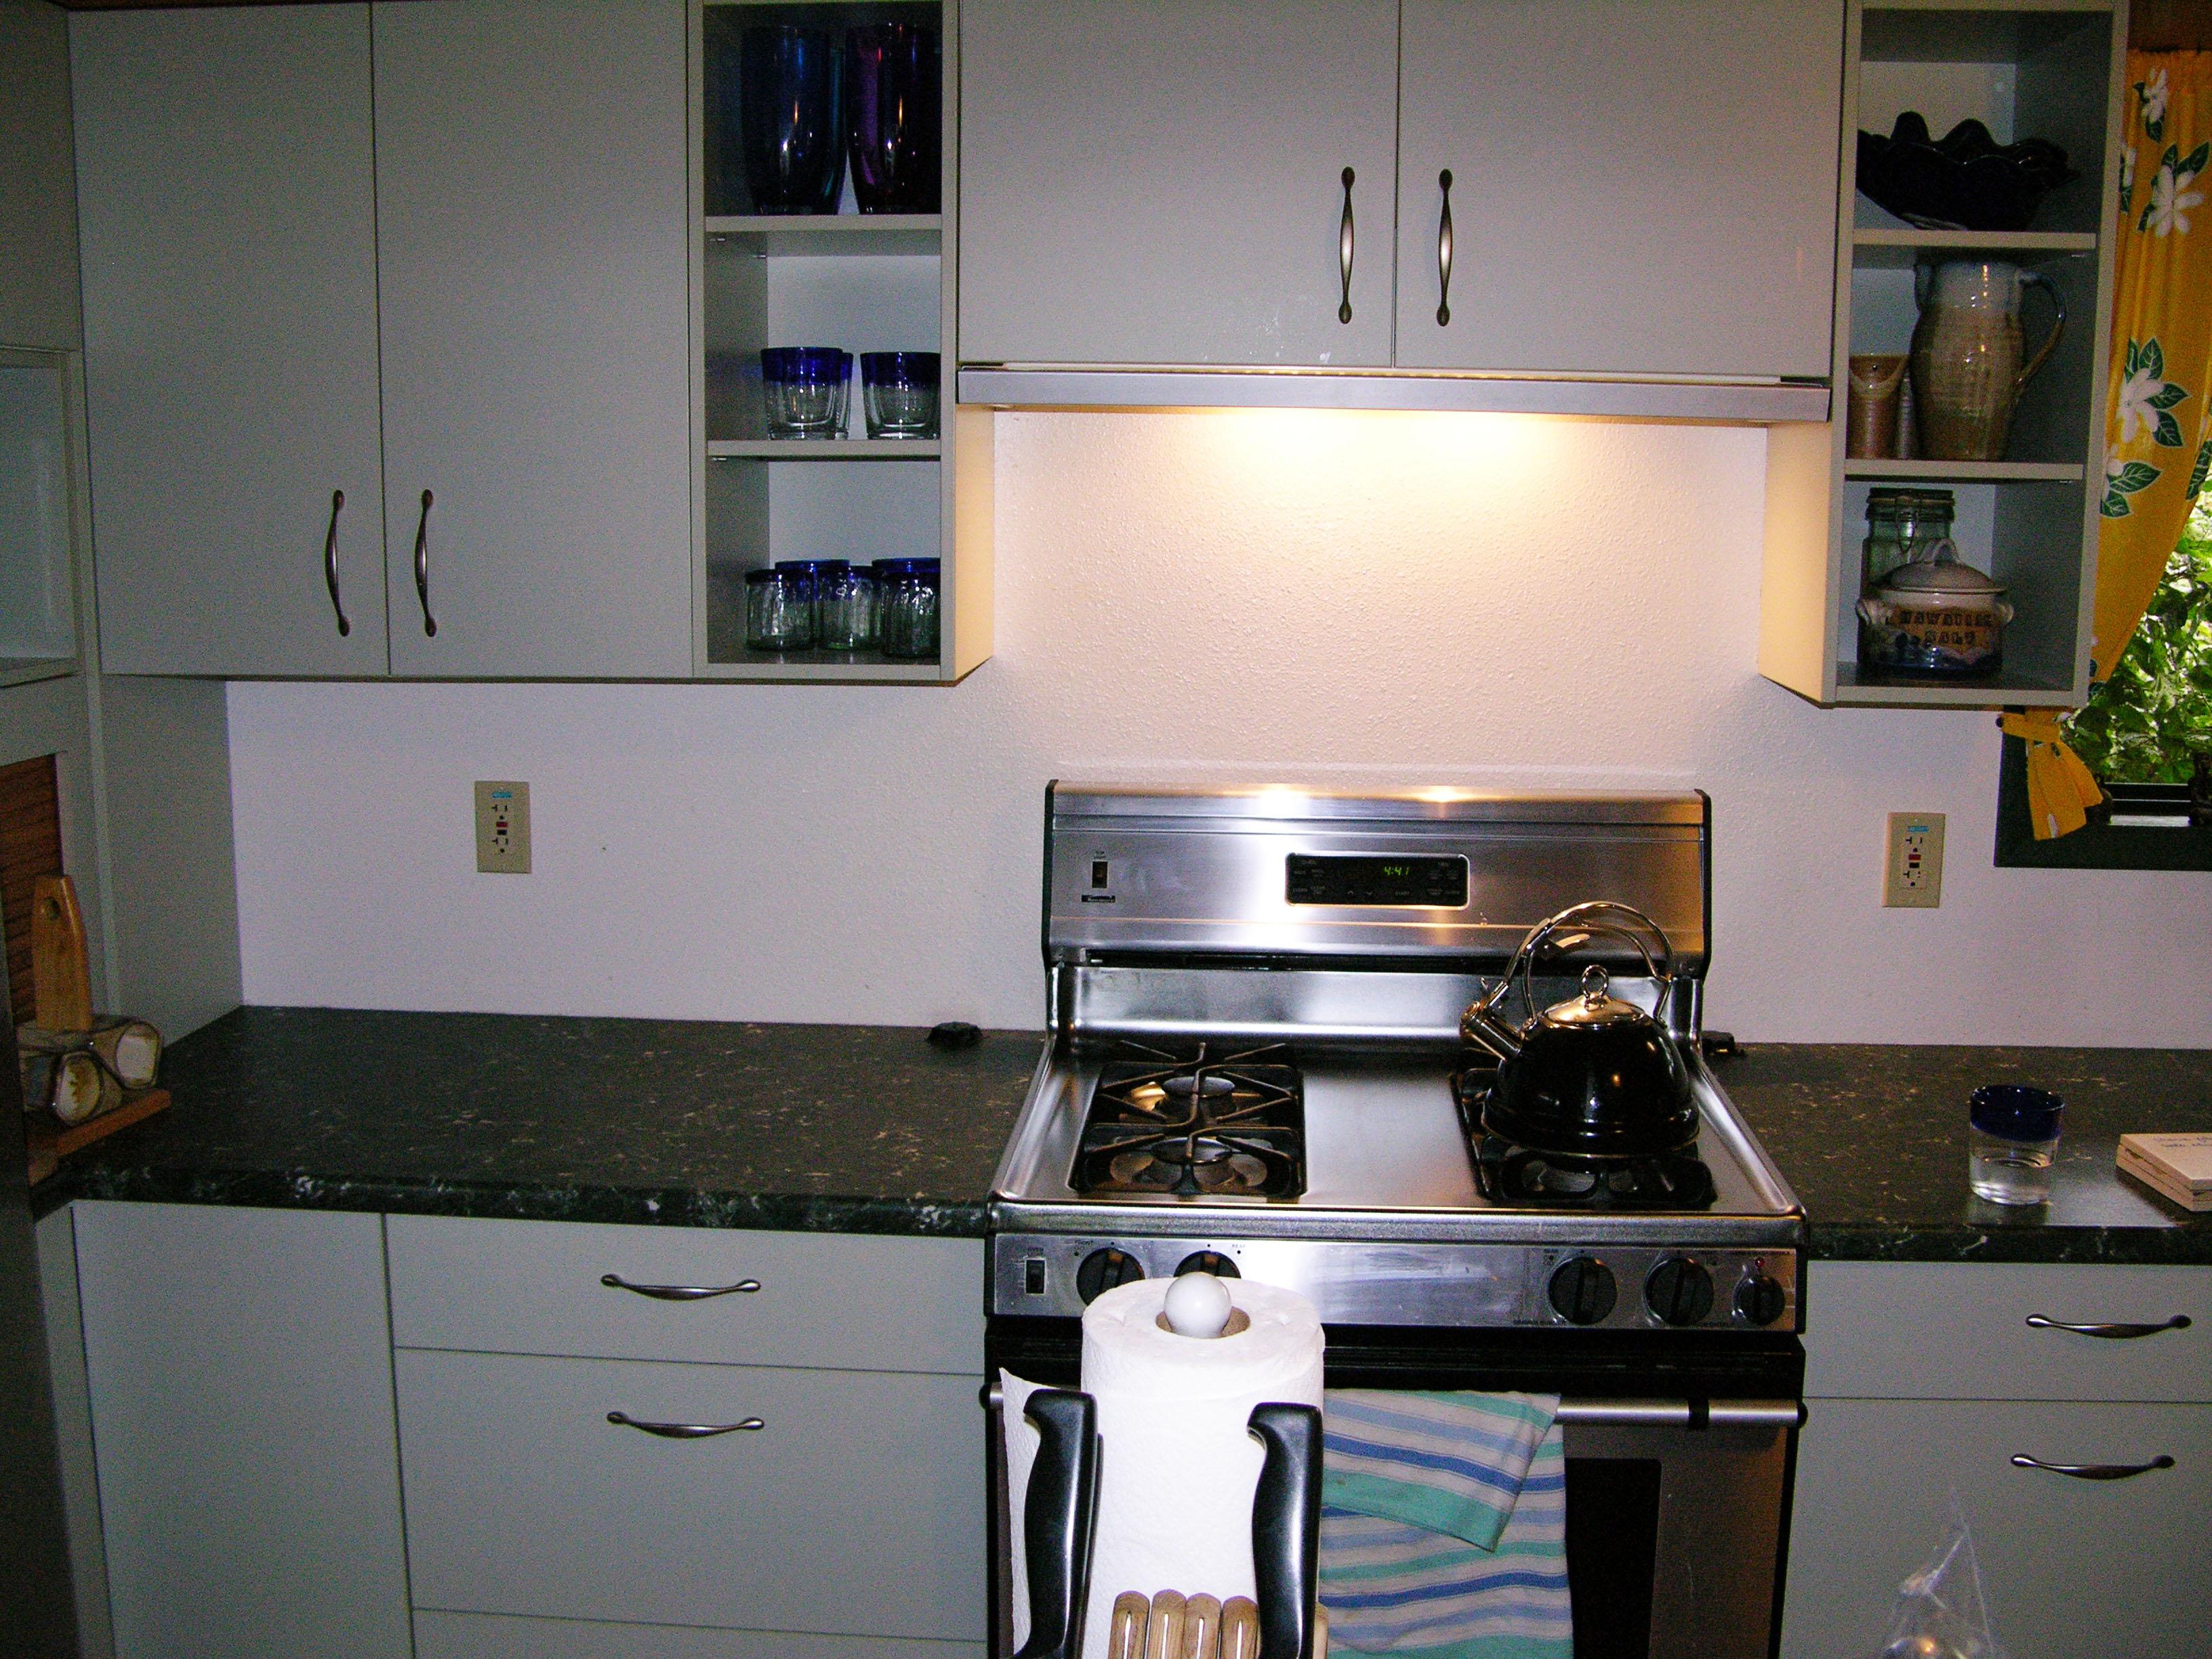 Kitchen Backsplash Before Palm Fronds Tile-Mural